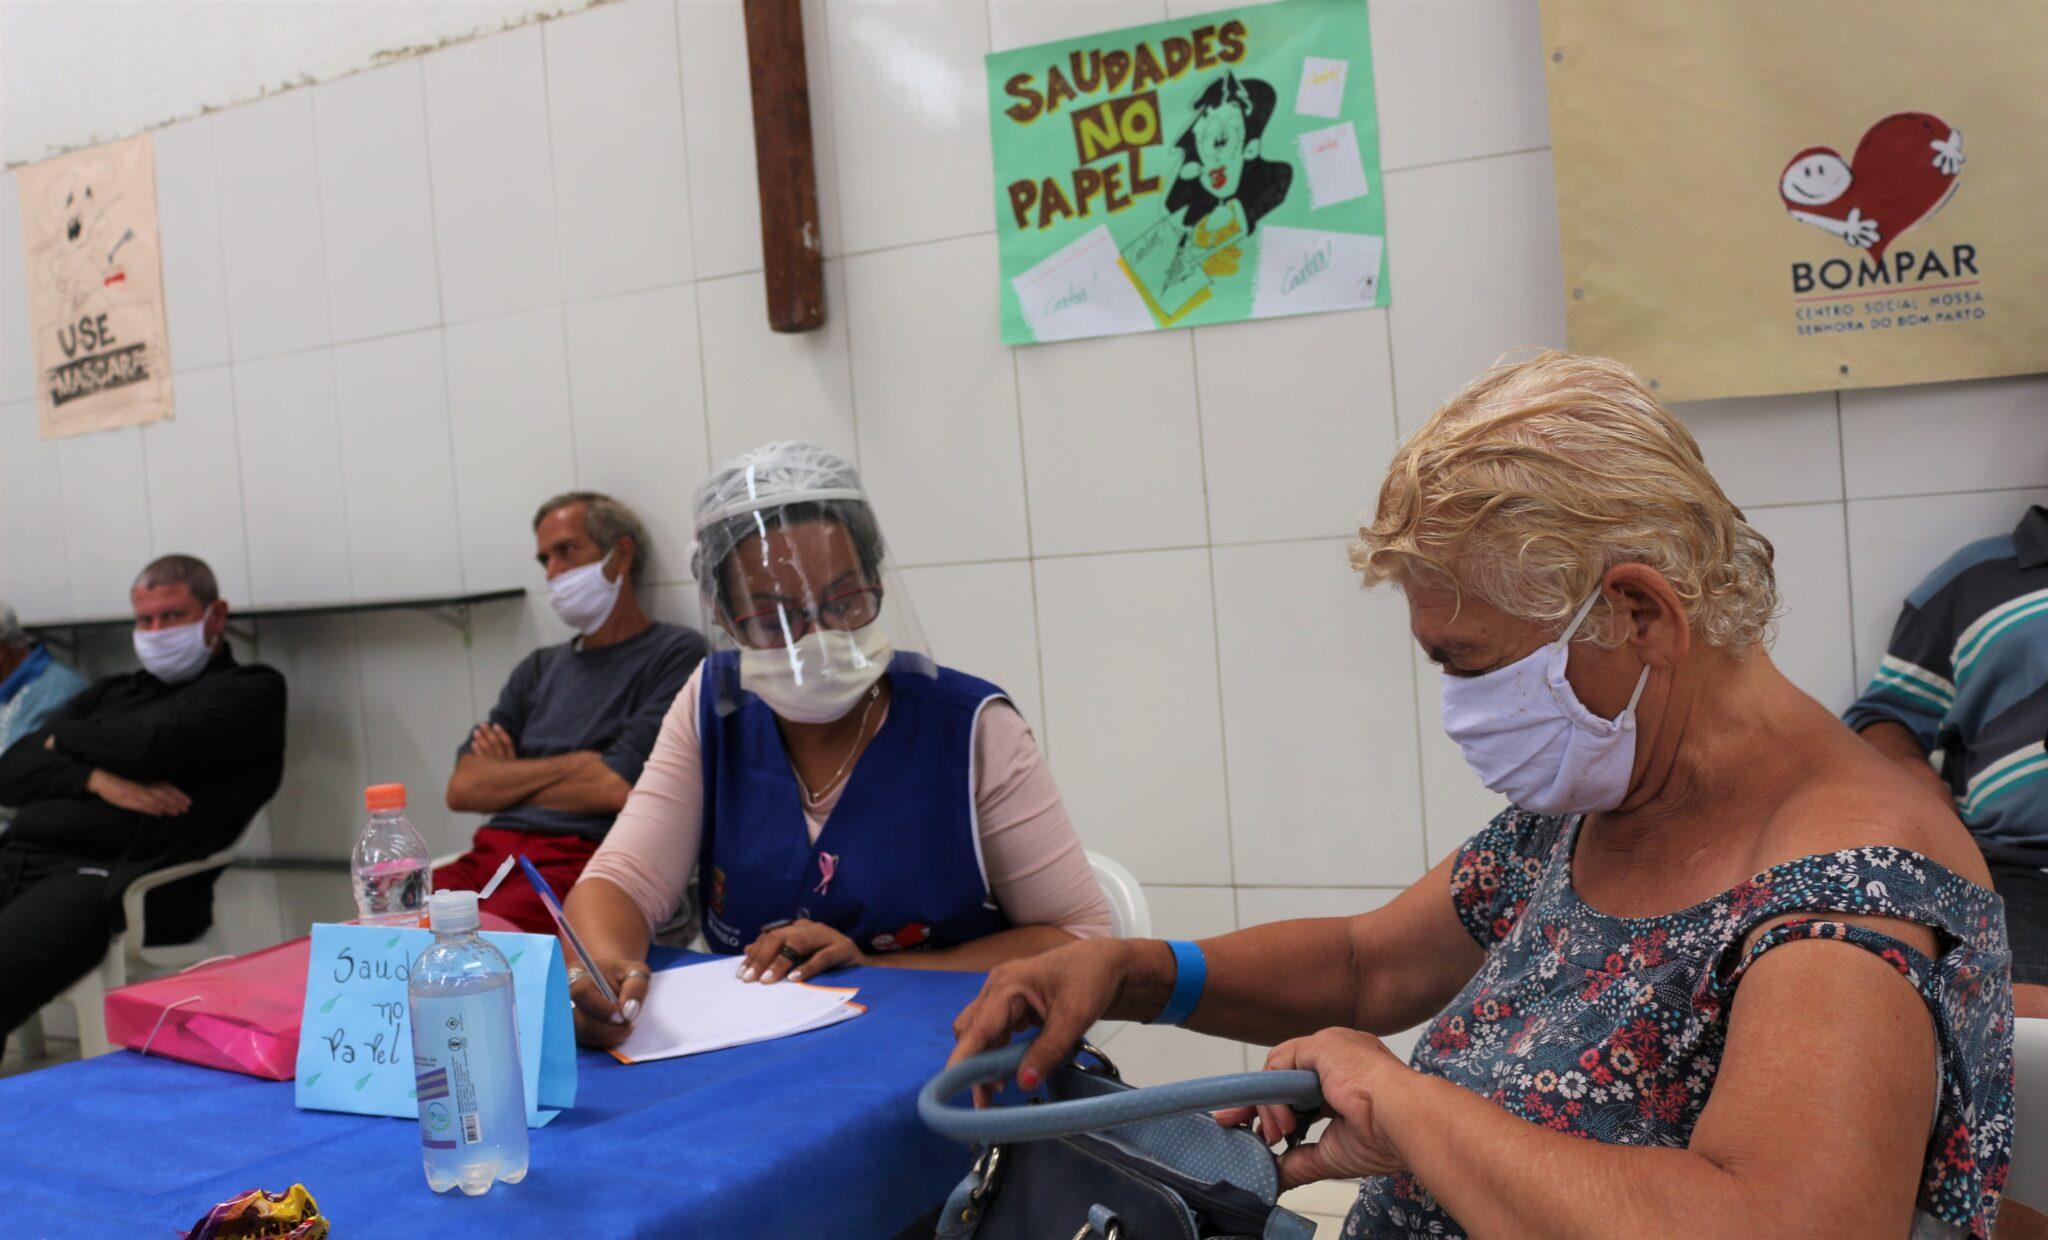 Foto – Cláudia Pereira – Núcleo São Martinho de Lima. (11) Saudades no papel